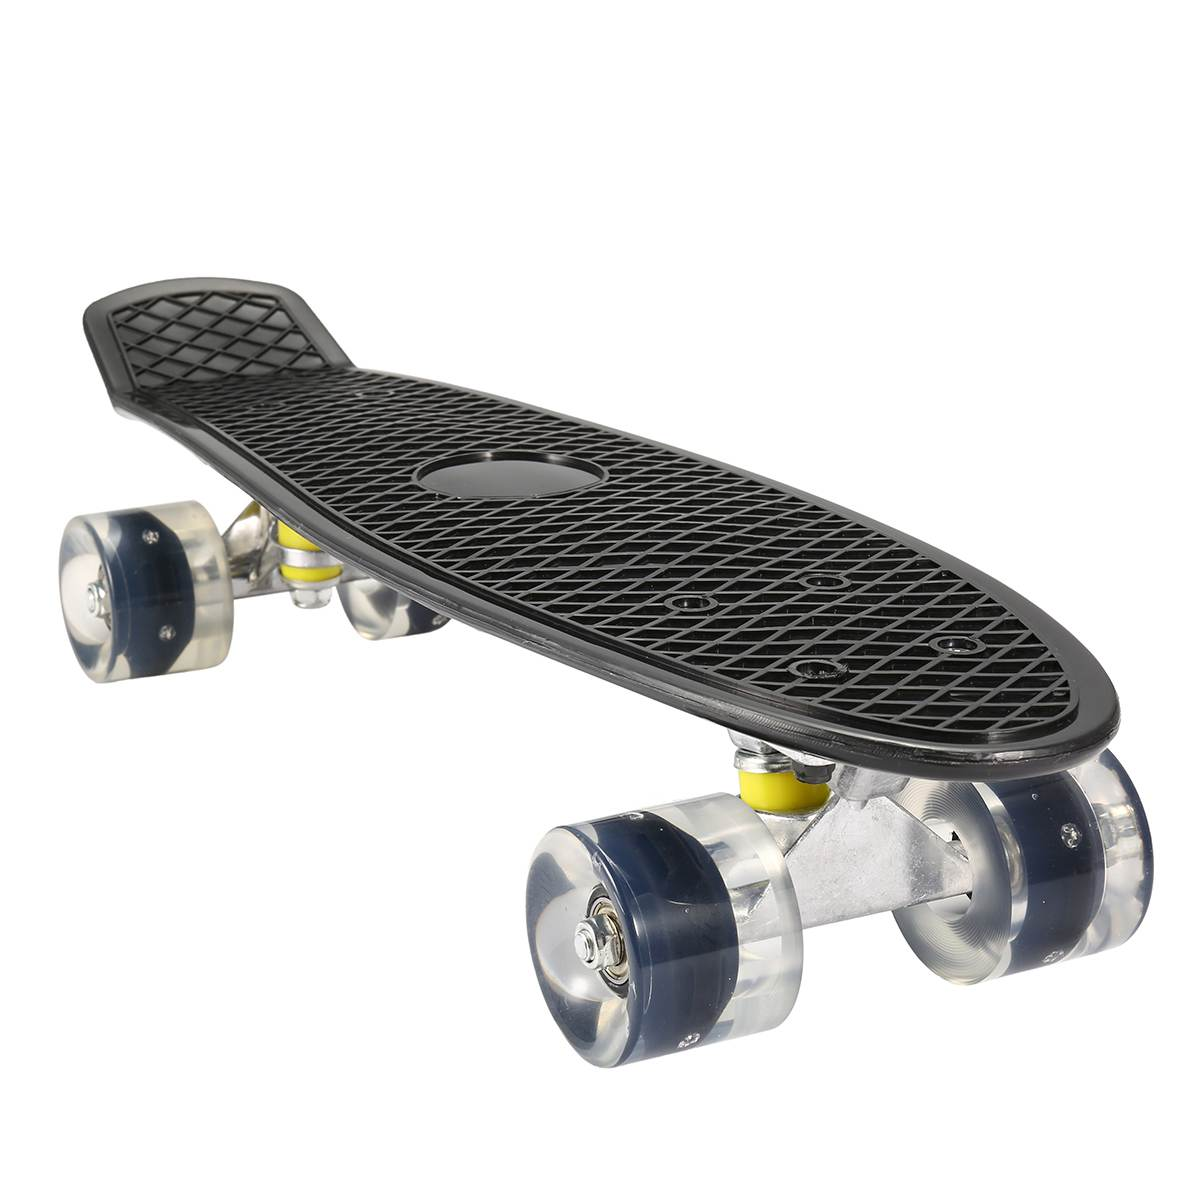 22 pouces Mini planche à roulettes en plastique planche à roulettes roue en polyuréthane avec LED lumières Cruiser complet Skateboard Sports enfants enfants cadeaux unisexe - 2